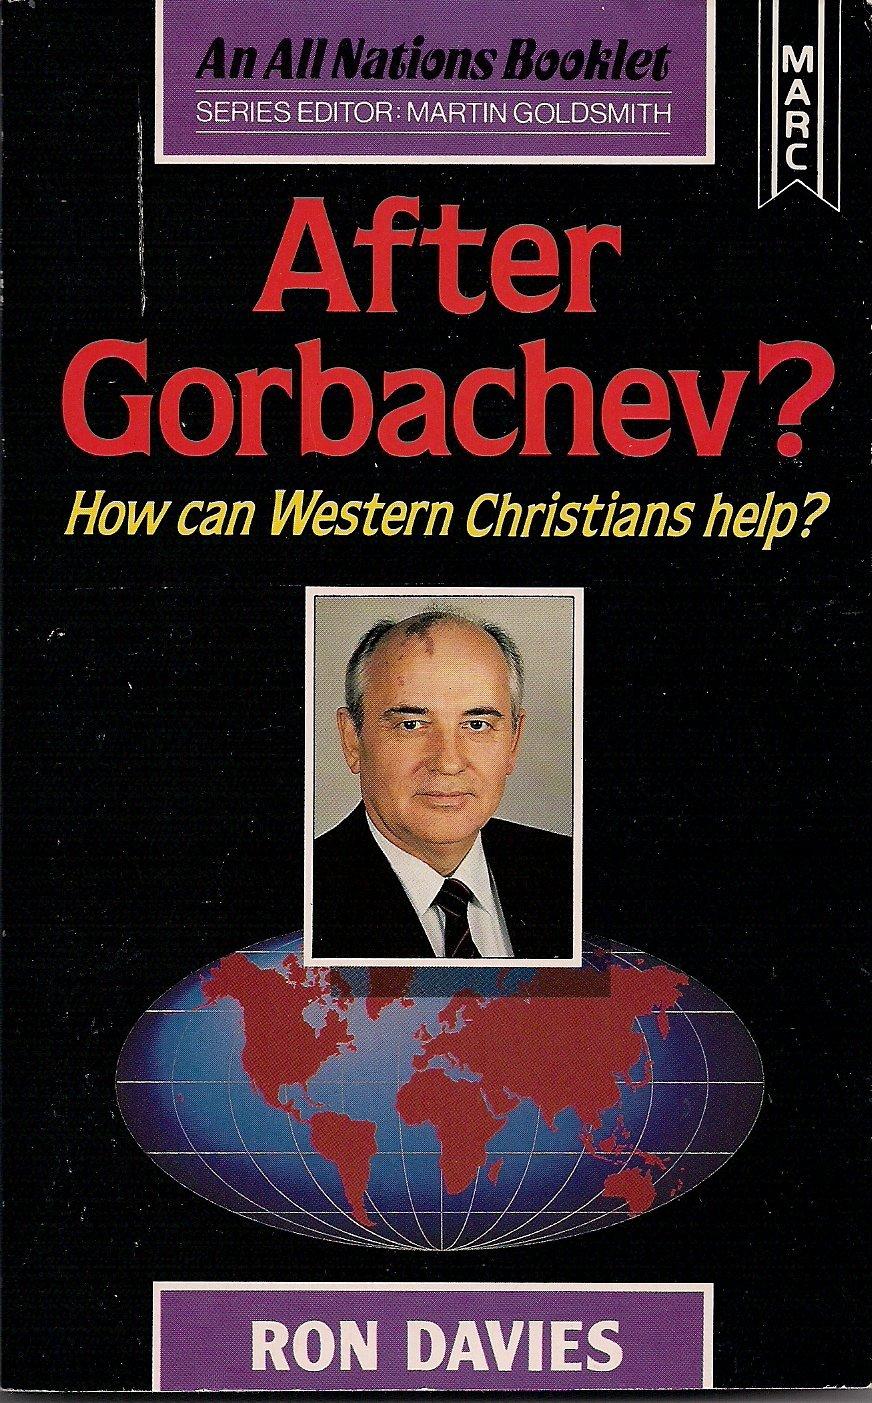 After Gorbachev: Amazon.es: Davies, Ron: Libros en idiomas ...